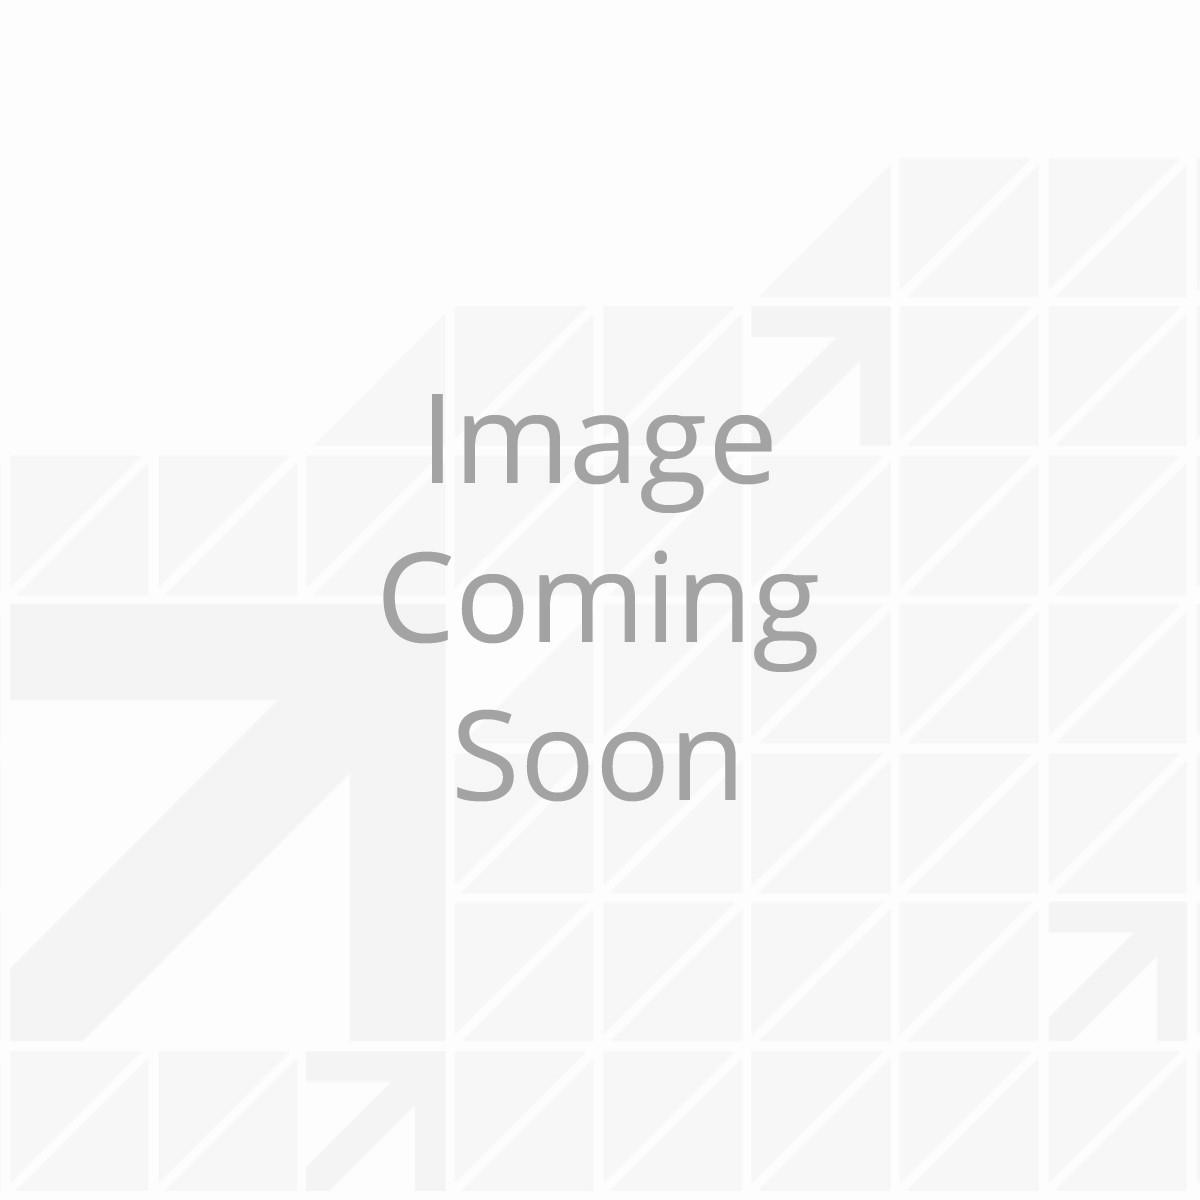 Denver Mattress® Ultra Plush Short Queen Mattress Pad - RV Mattresses, Sheets And Mattress Pads For Sale By Denver Mattress